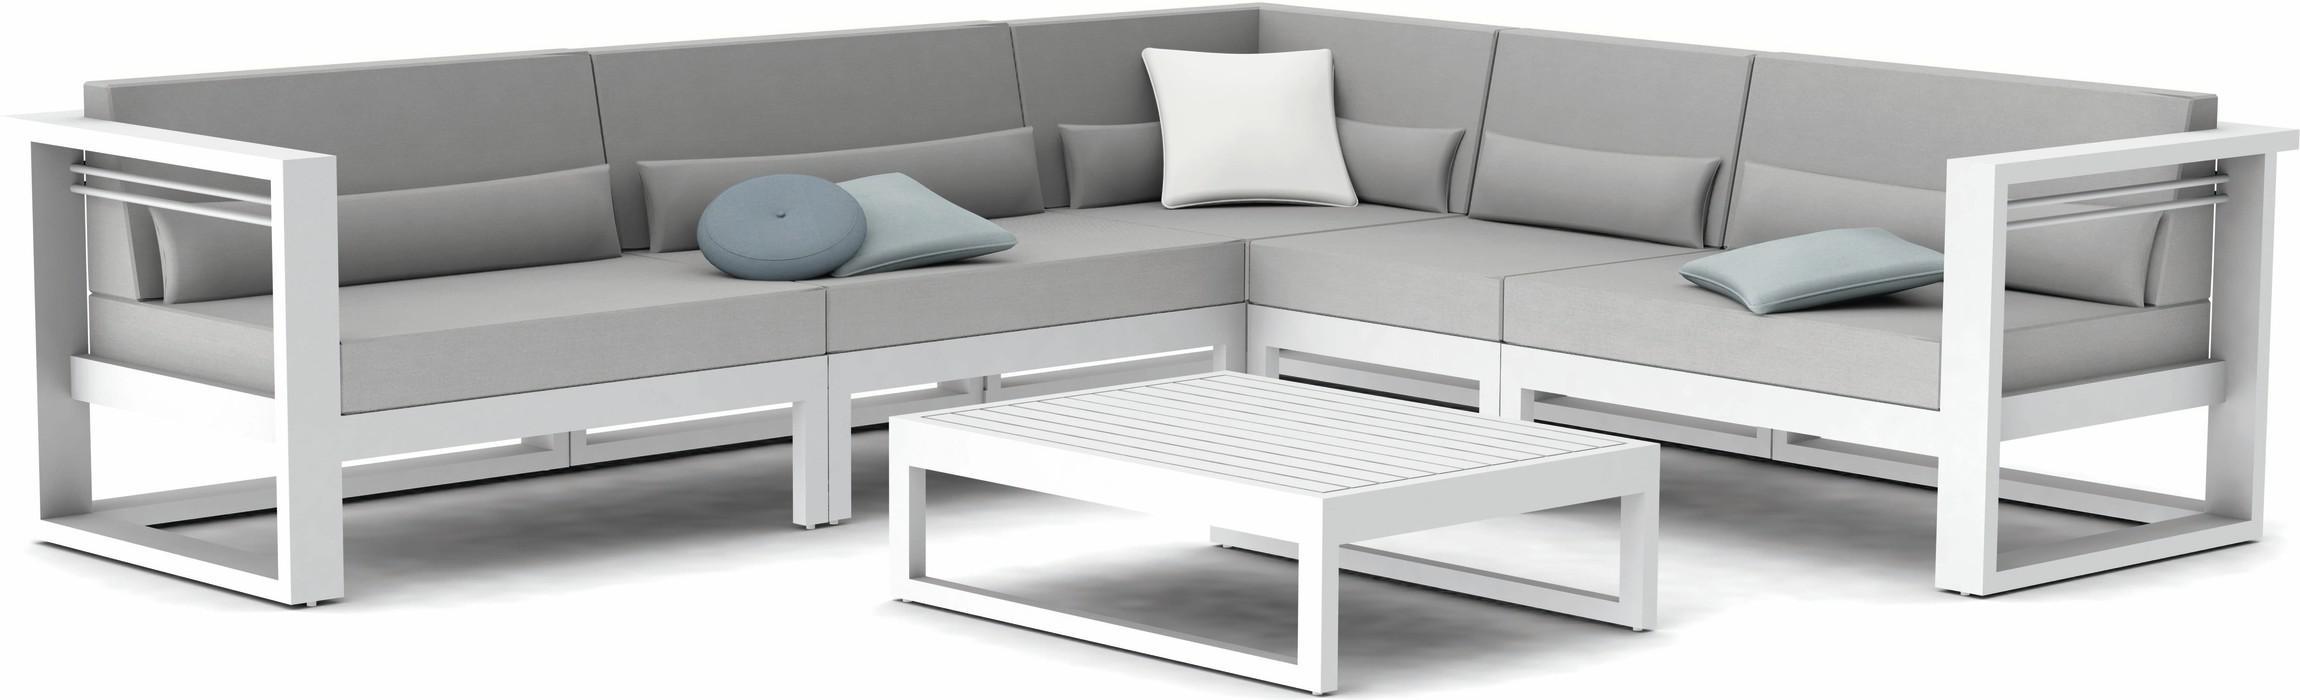 Fuse Concepto 1 - blanco - textiles blancos